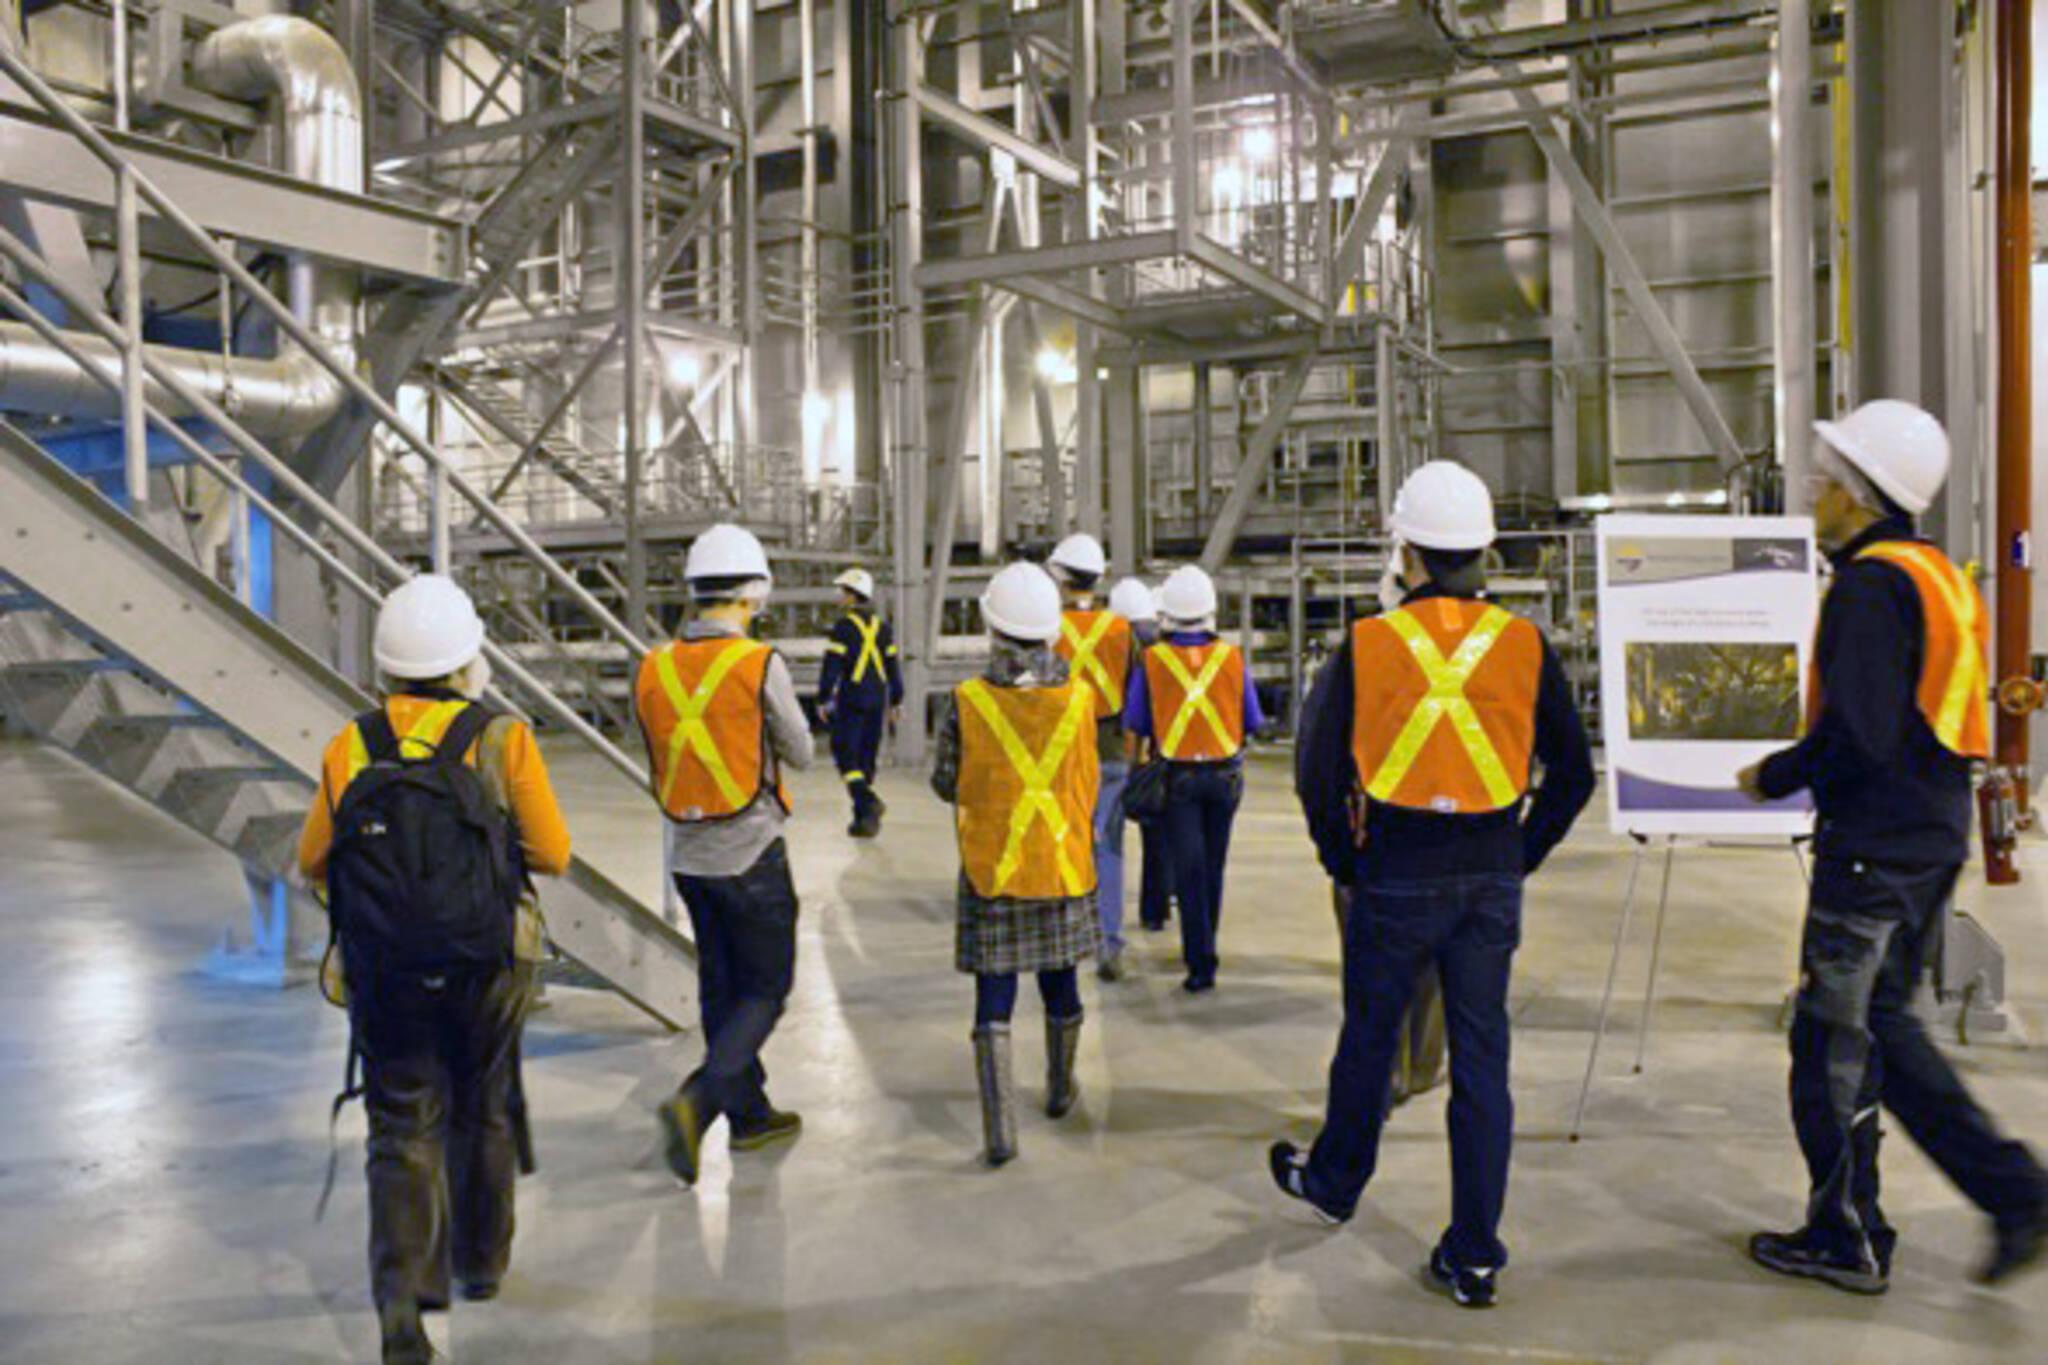 Portlands Energy Centre Toronto